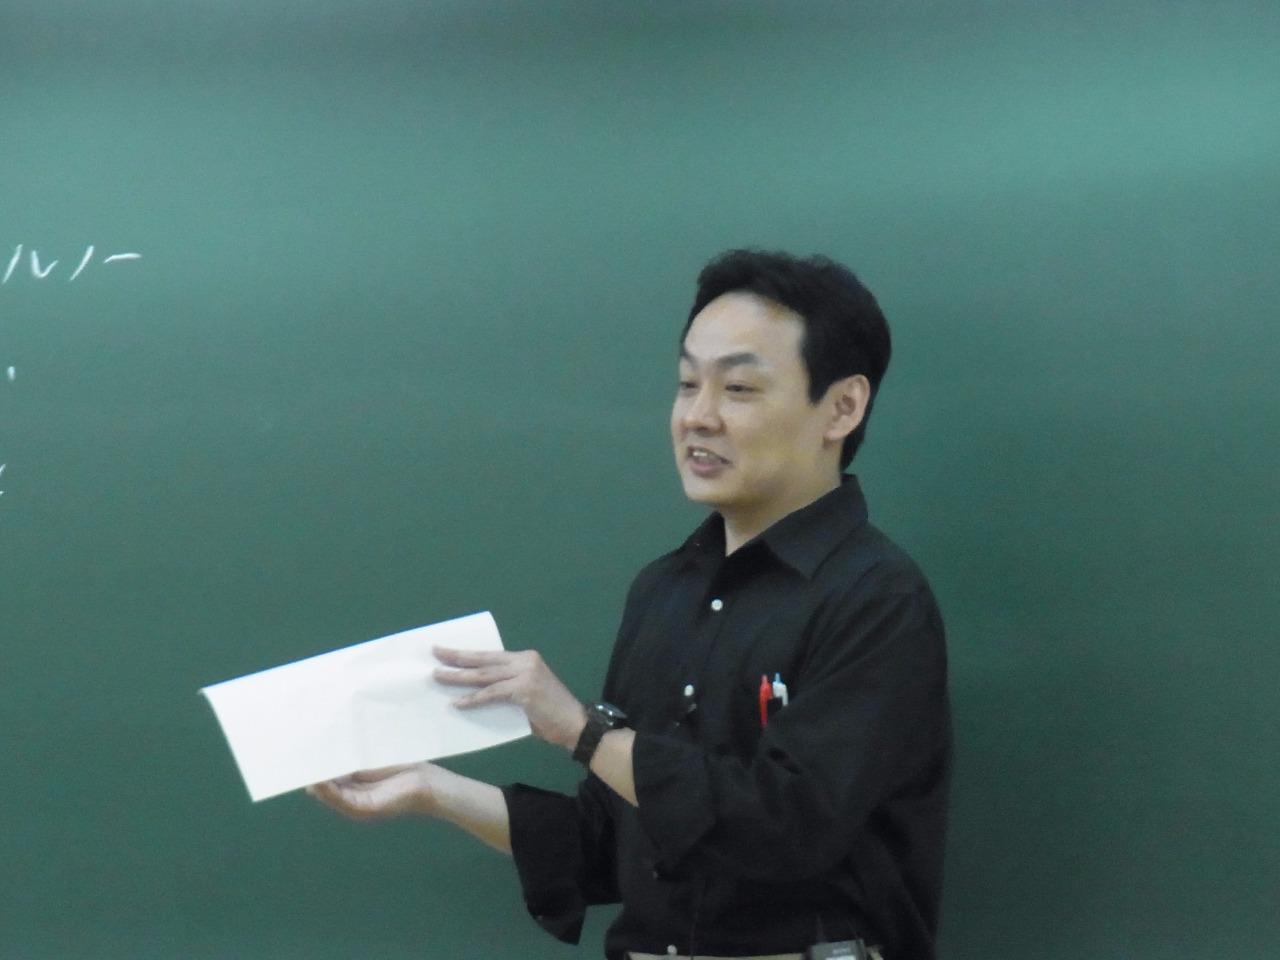 河合塾KALS国内MBA